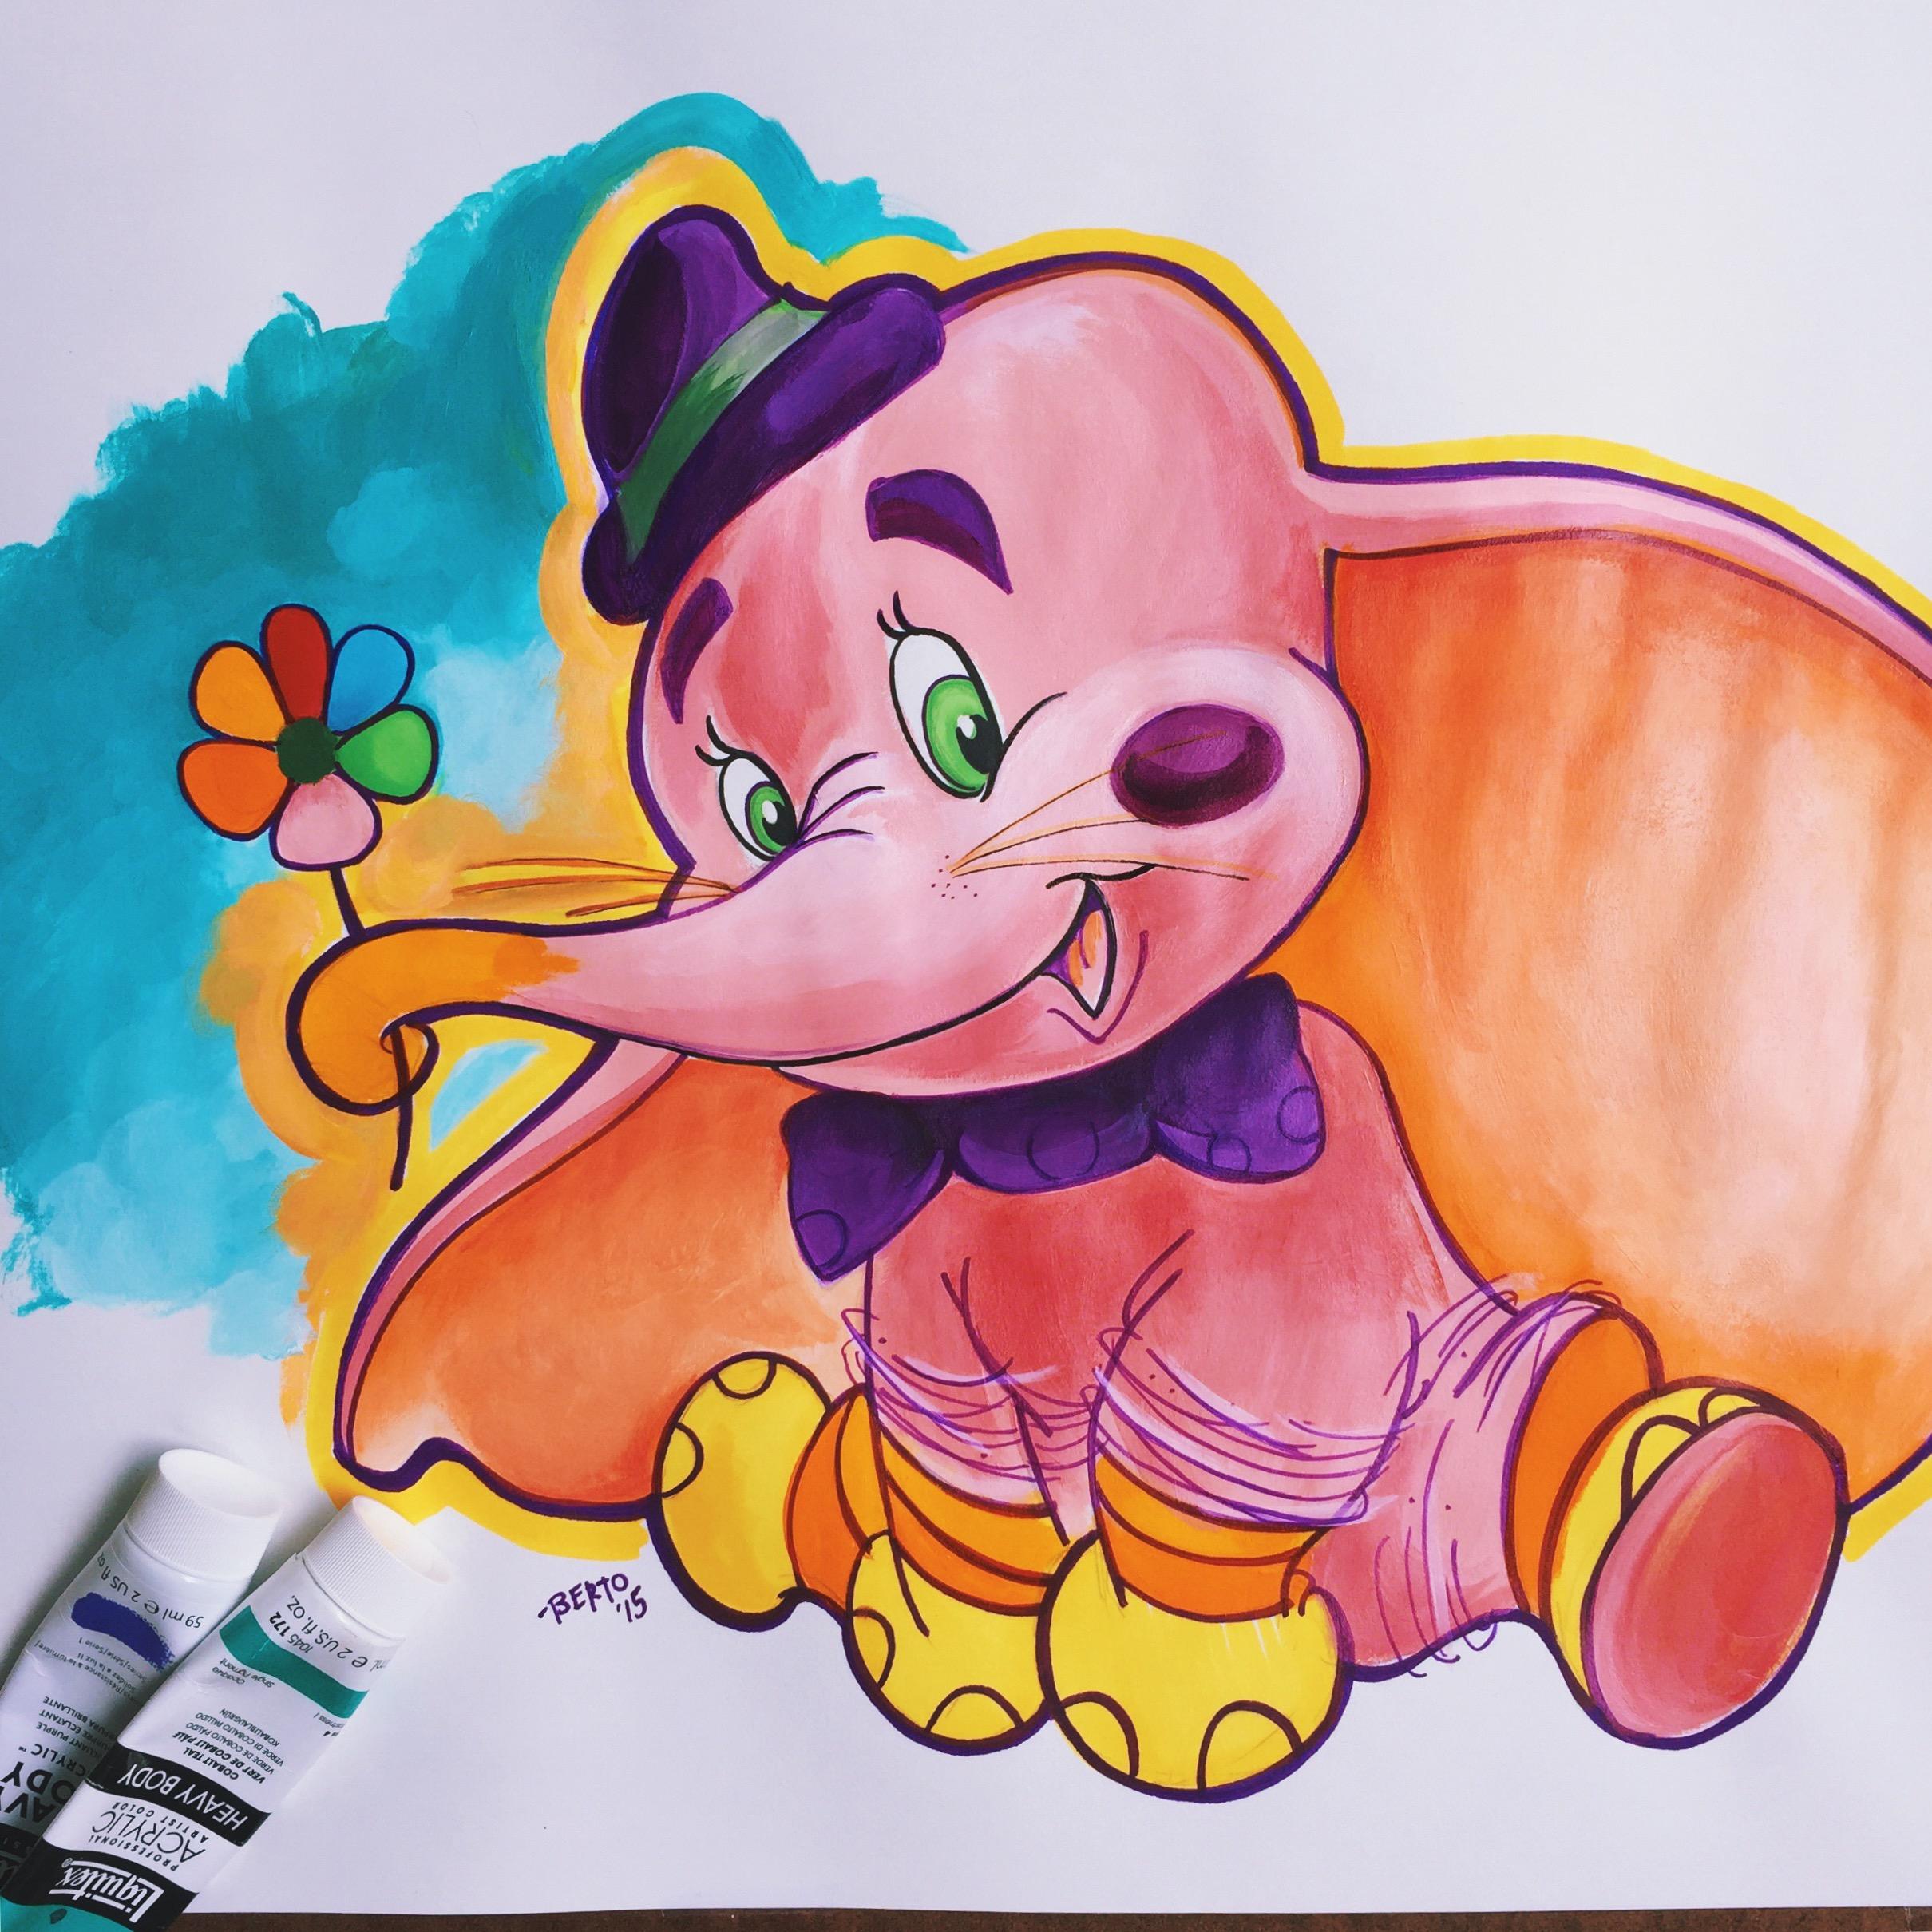 dumbo-bing-bong-3.jpg